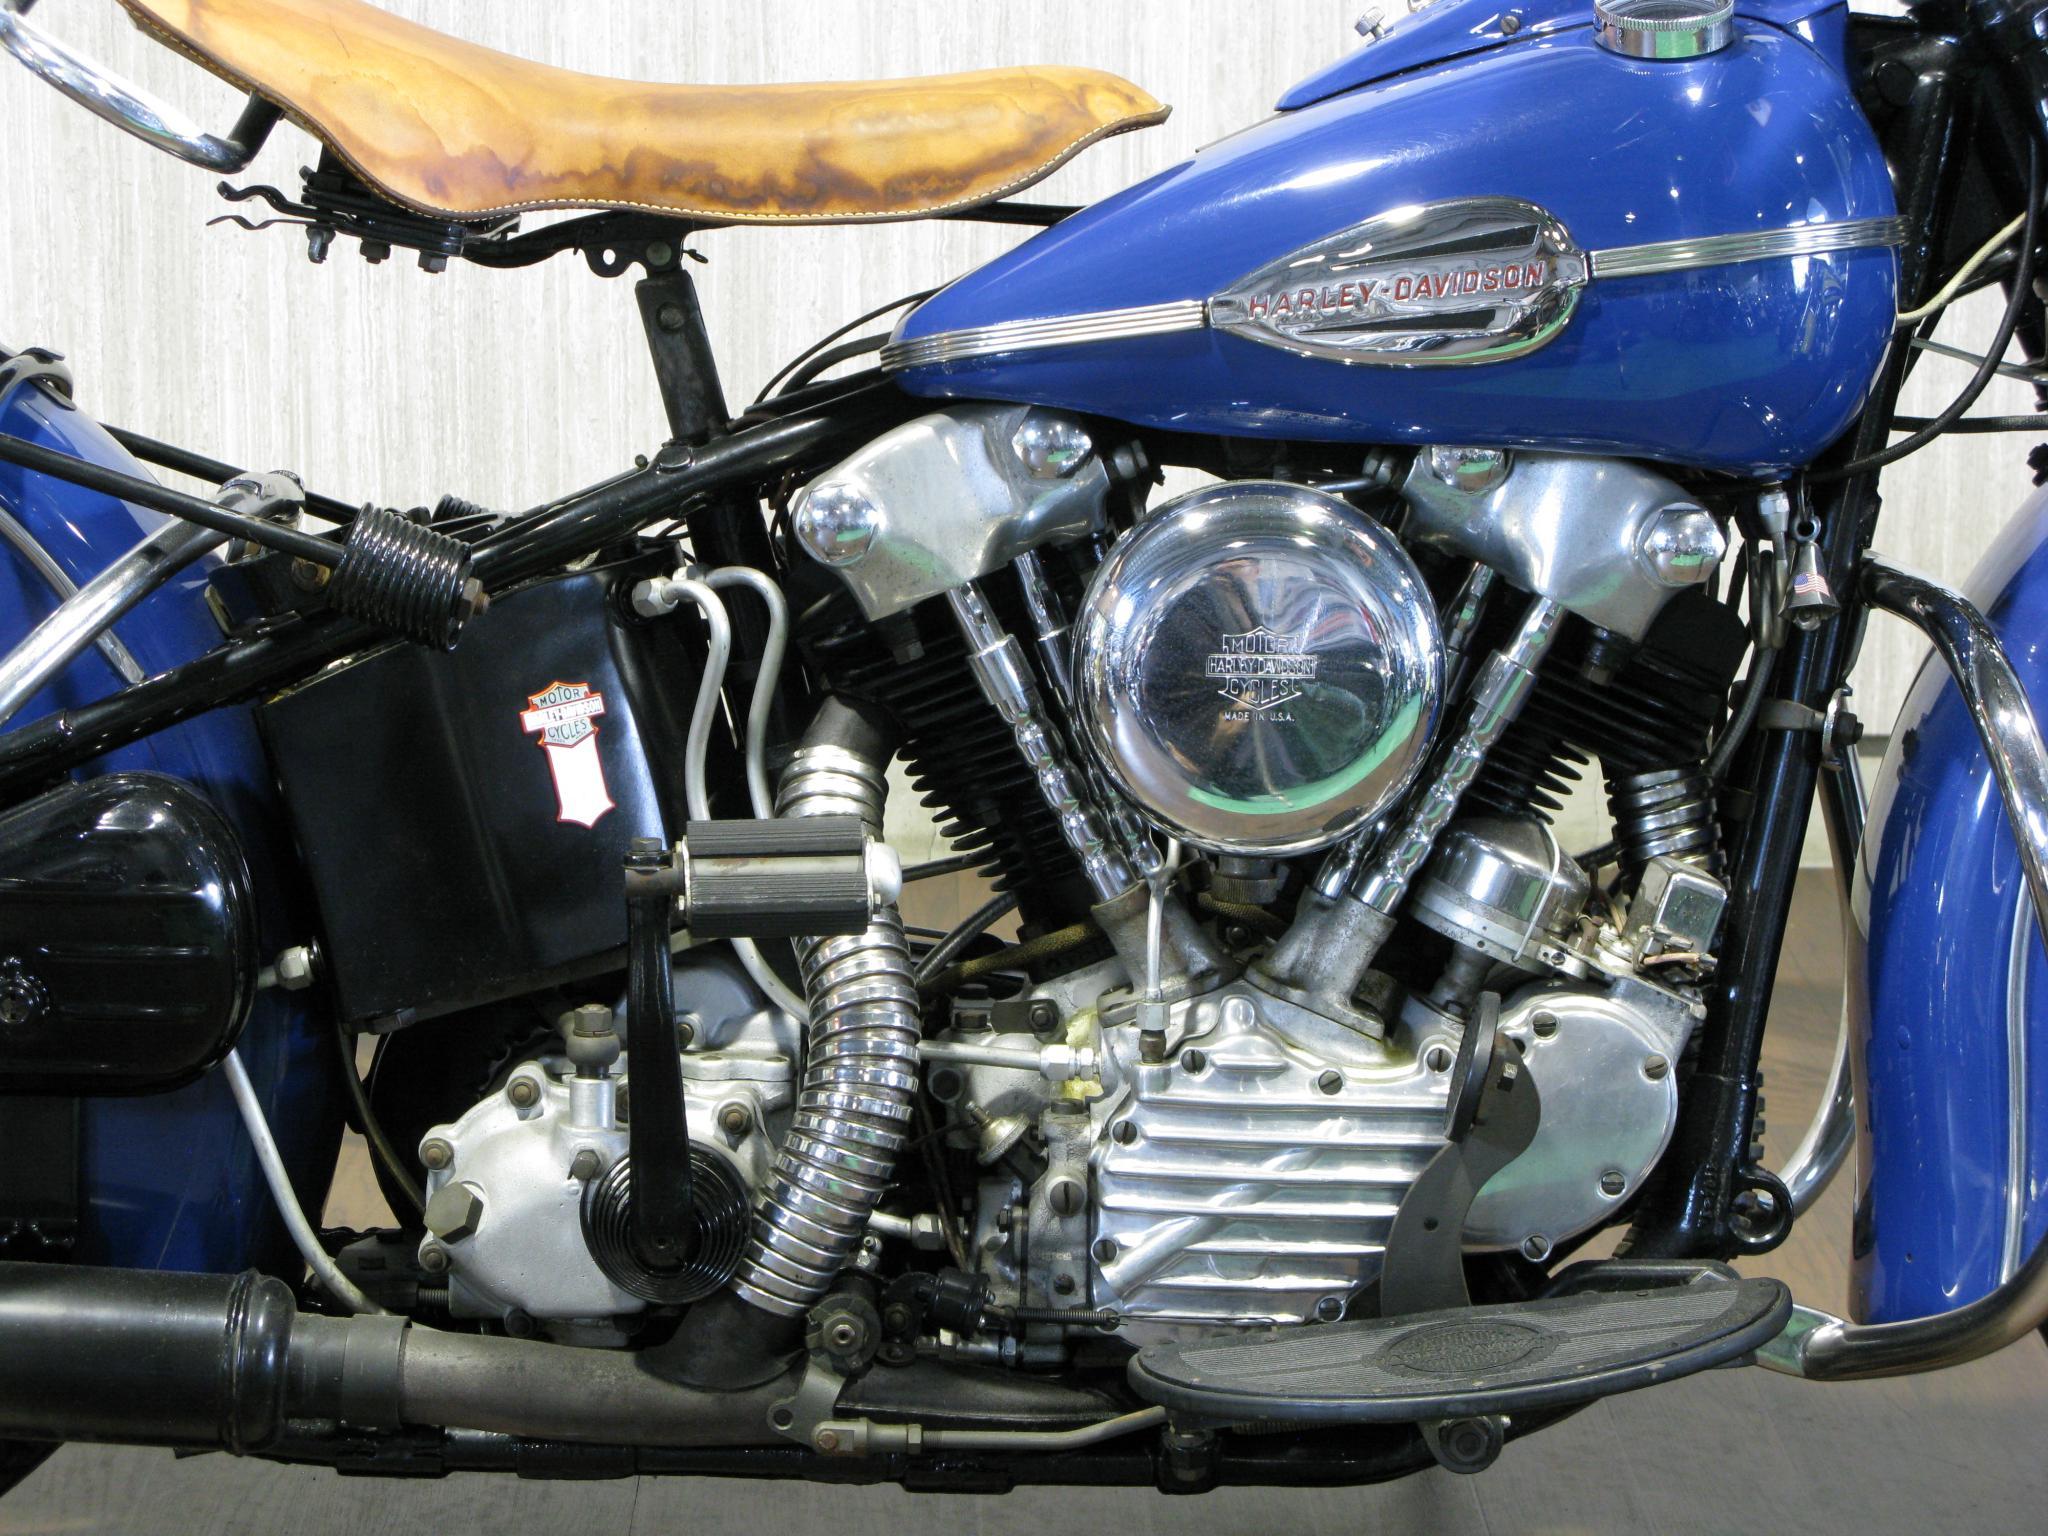 ハーレーダビッドソン 1941 Knuckle EL 1000 車体写真4